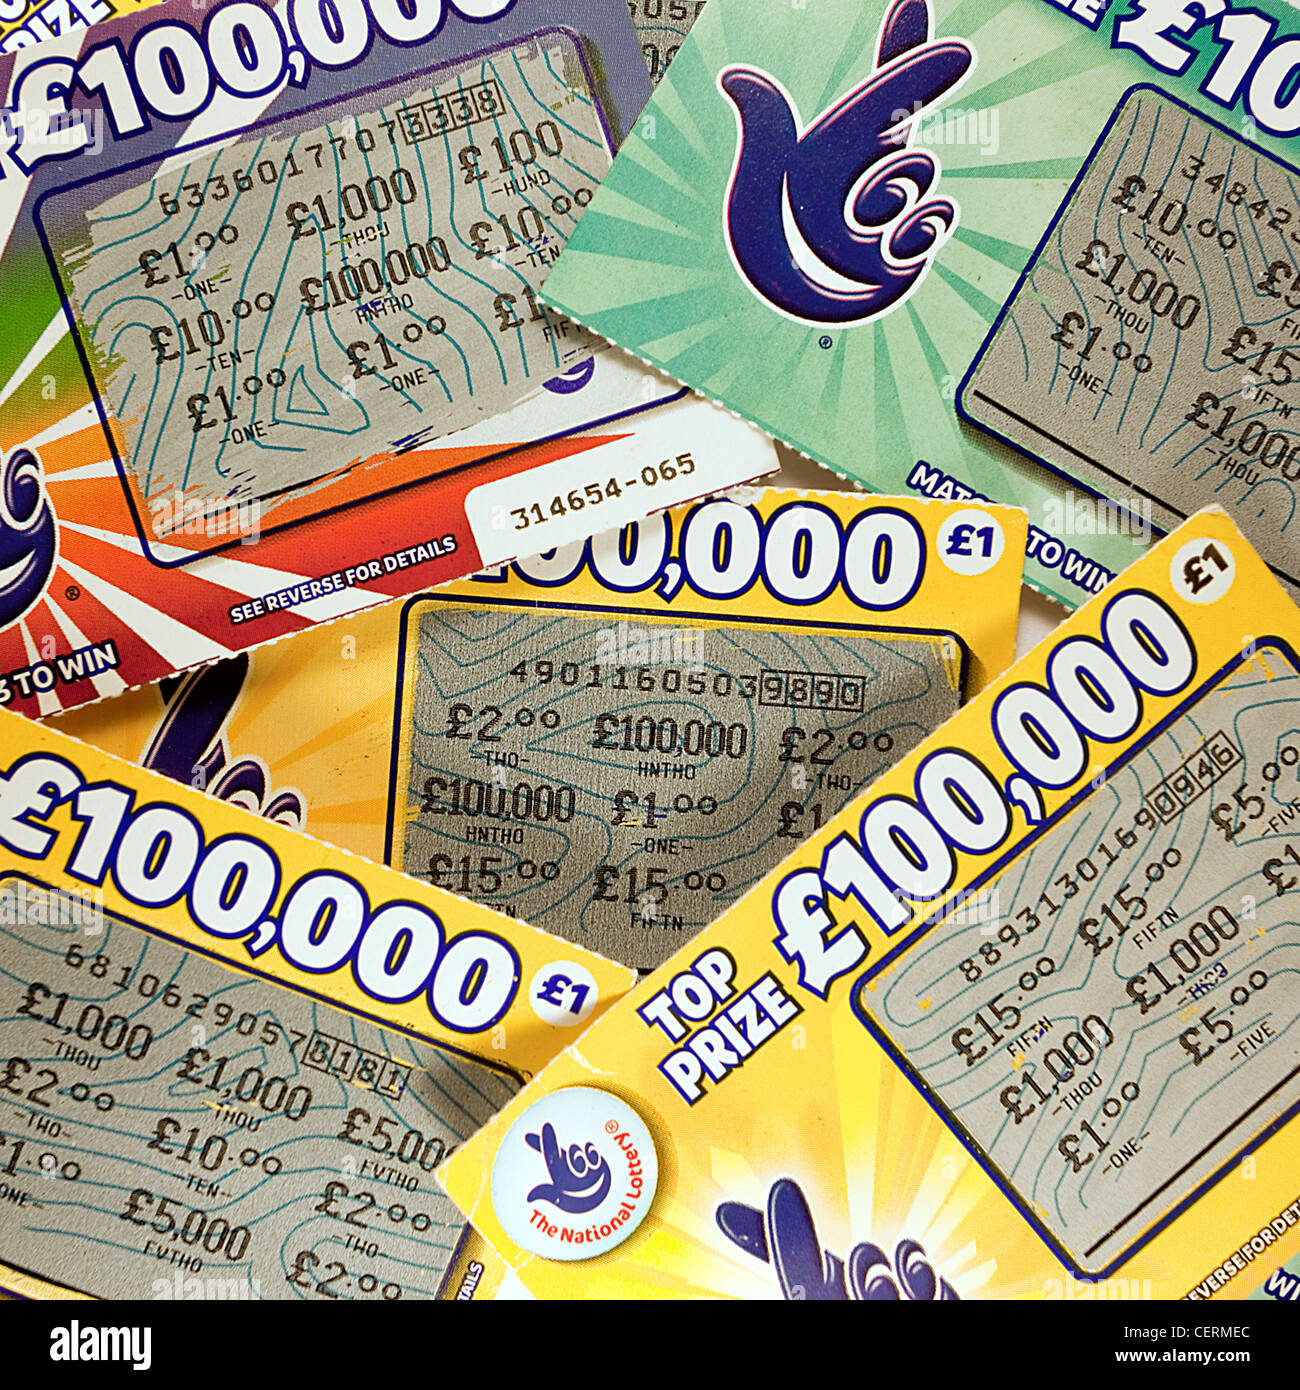 Scratch Card Carte lotteria lotto carte vincenti Immagini Stock